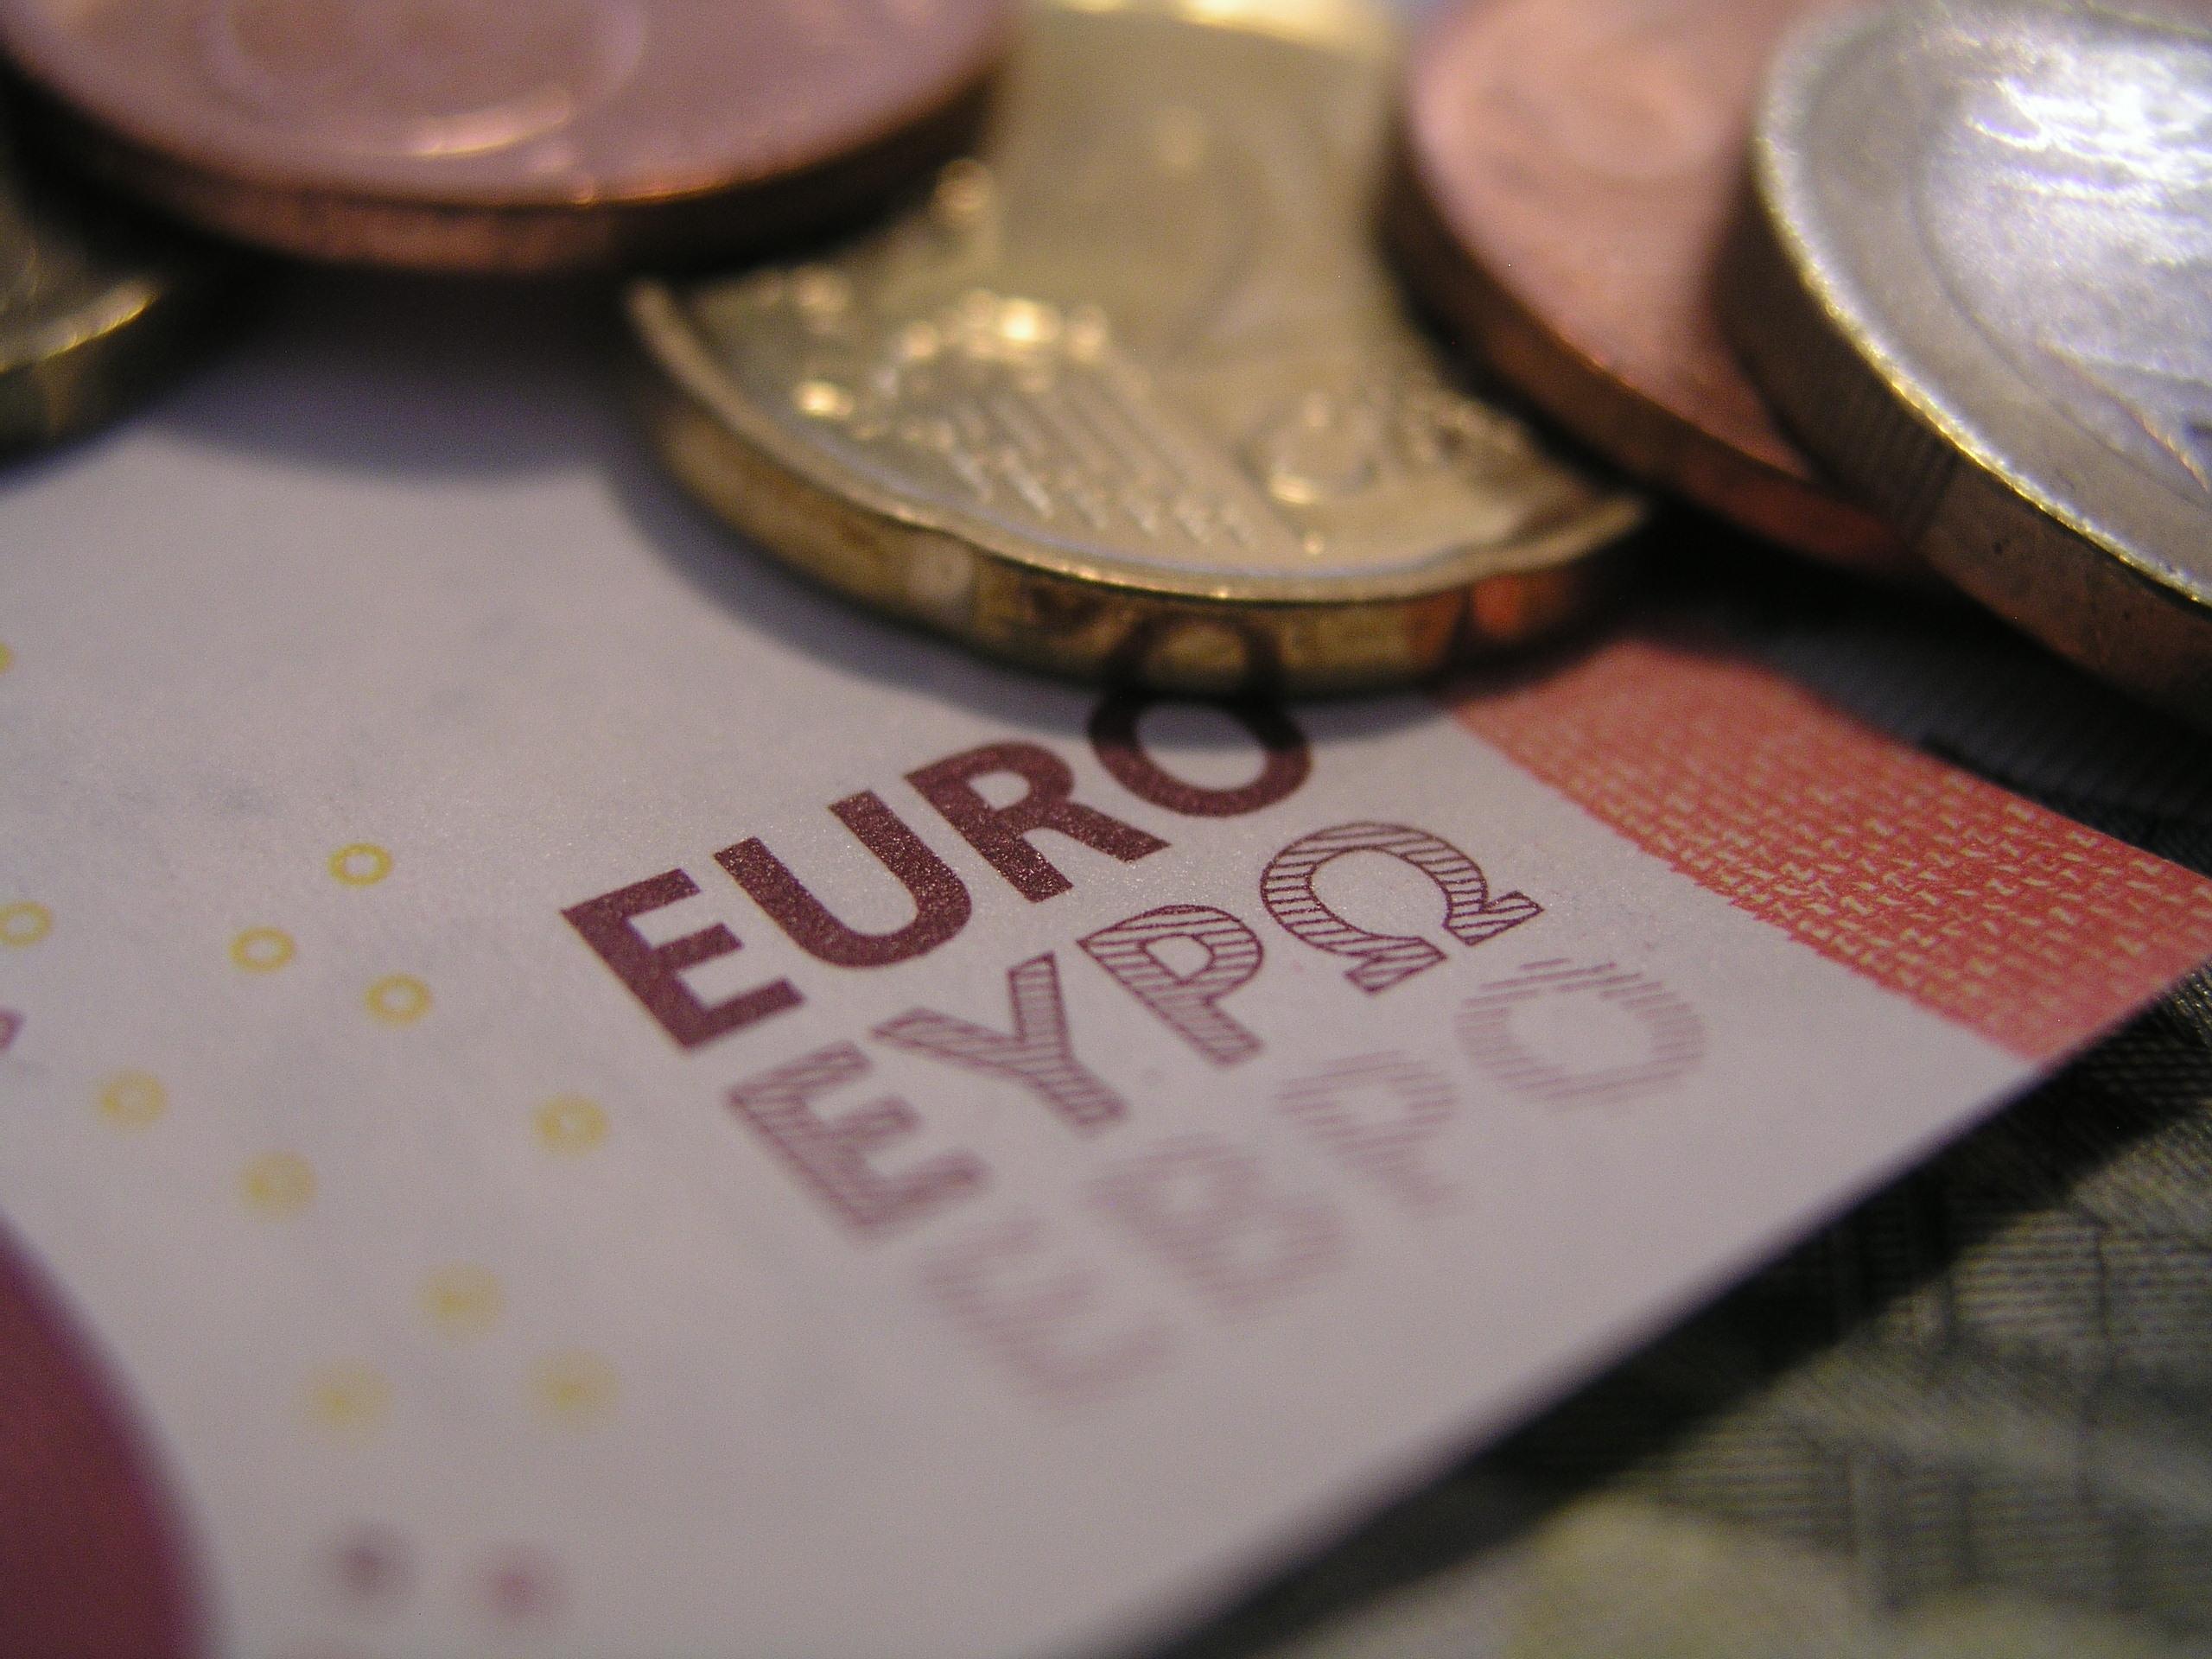 Ein Ausschnitt eines 10 Euro Scheins ist zu sehen, auf dem mehrere Münzen liegen.